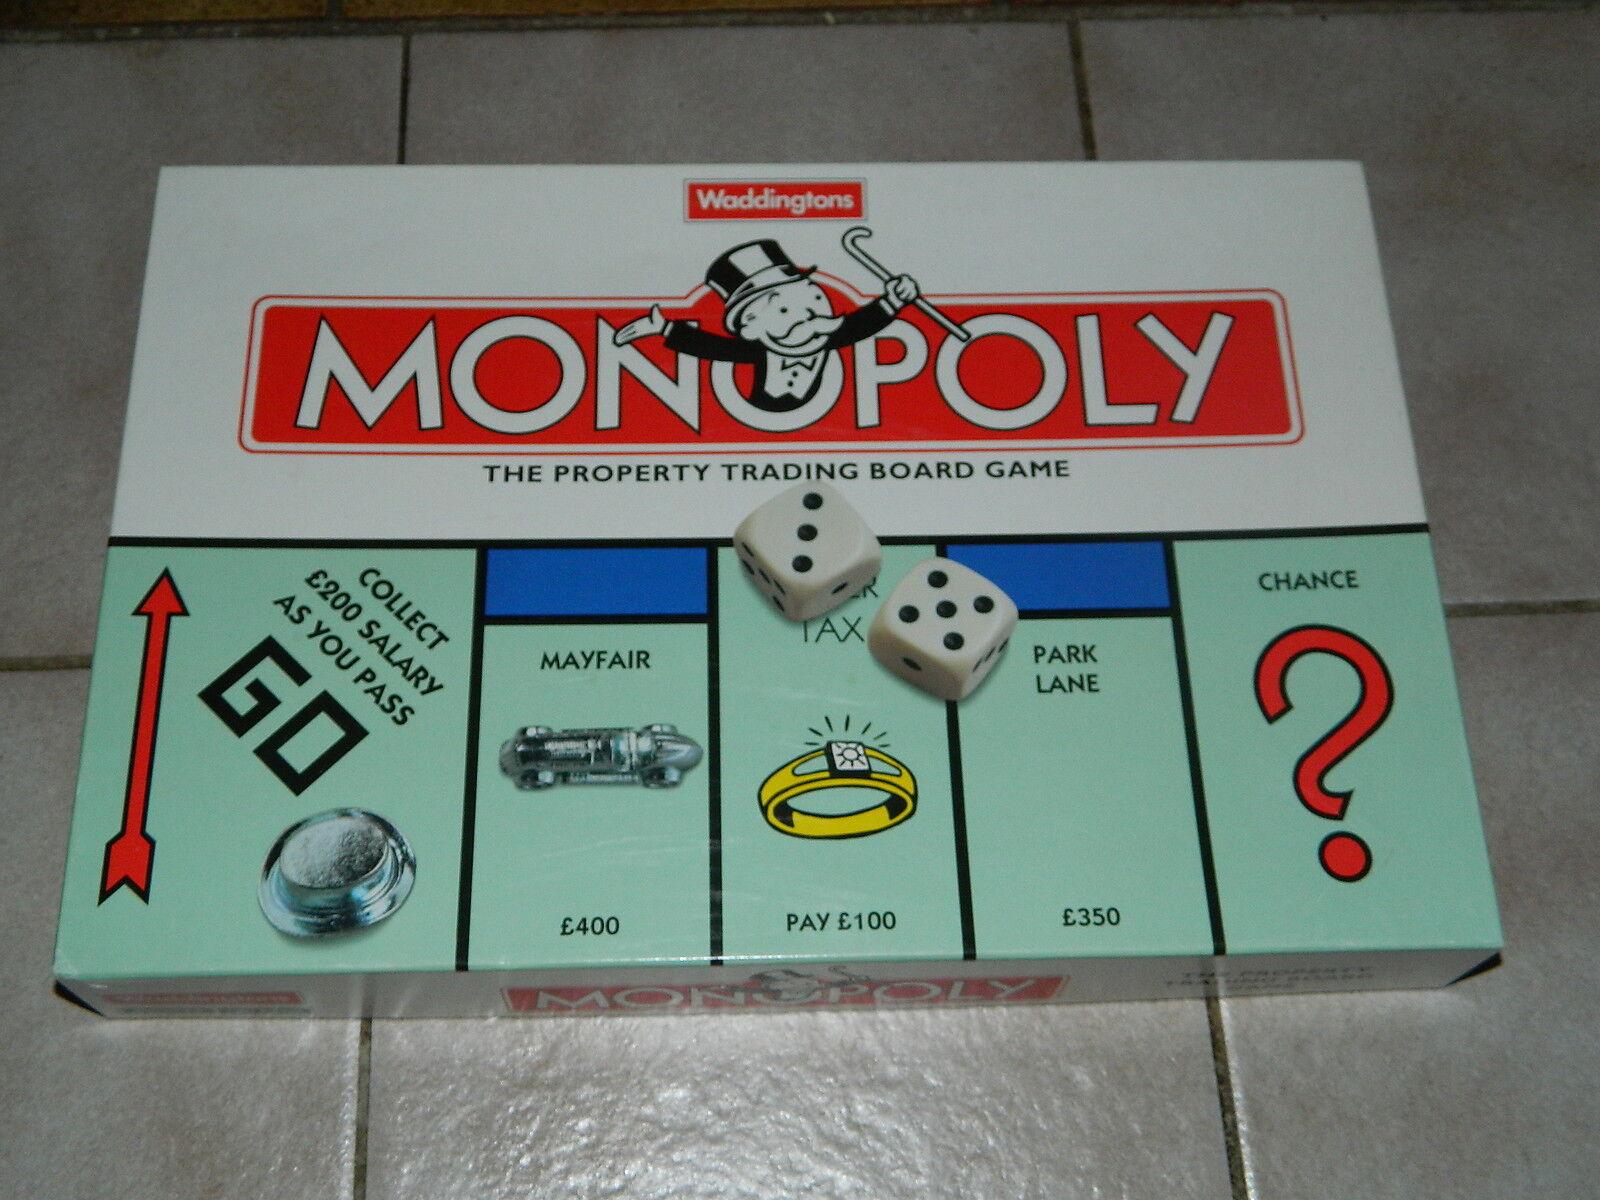 Monopoly - Waddingtons Waddingtons Waddingtons - Klassisches Monopoly in englischer Sprache - komplett 8fc2e9